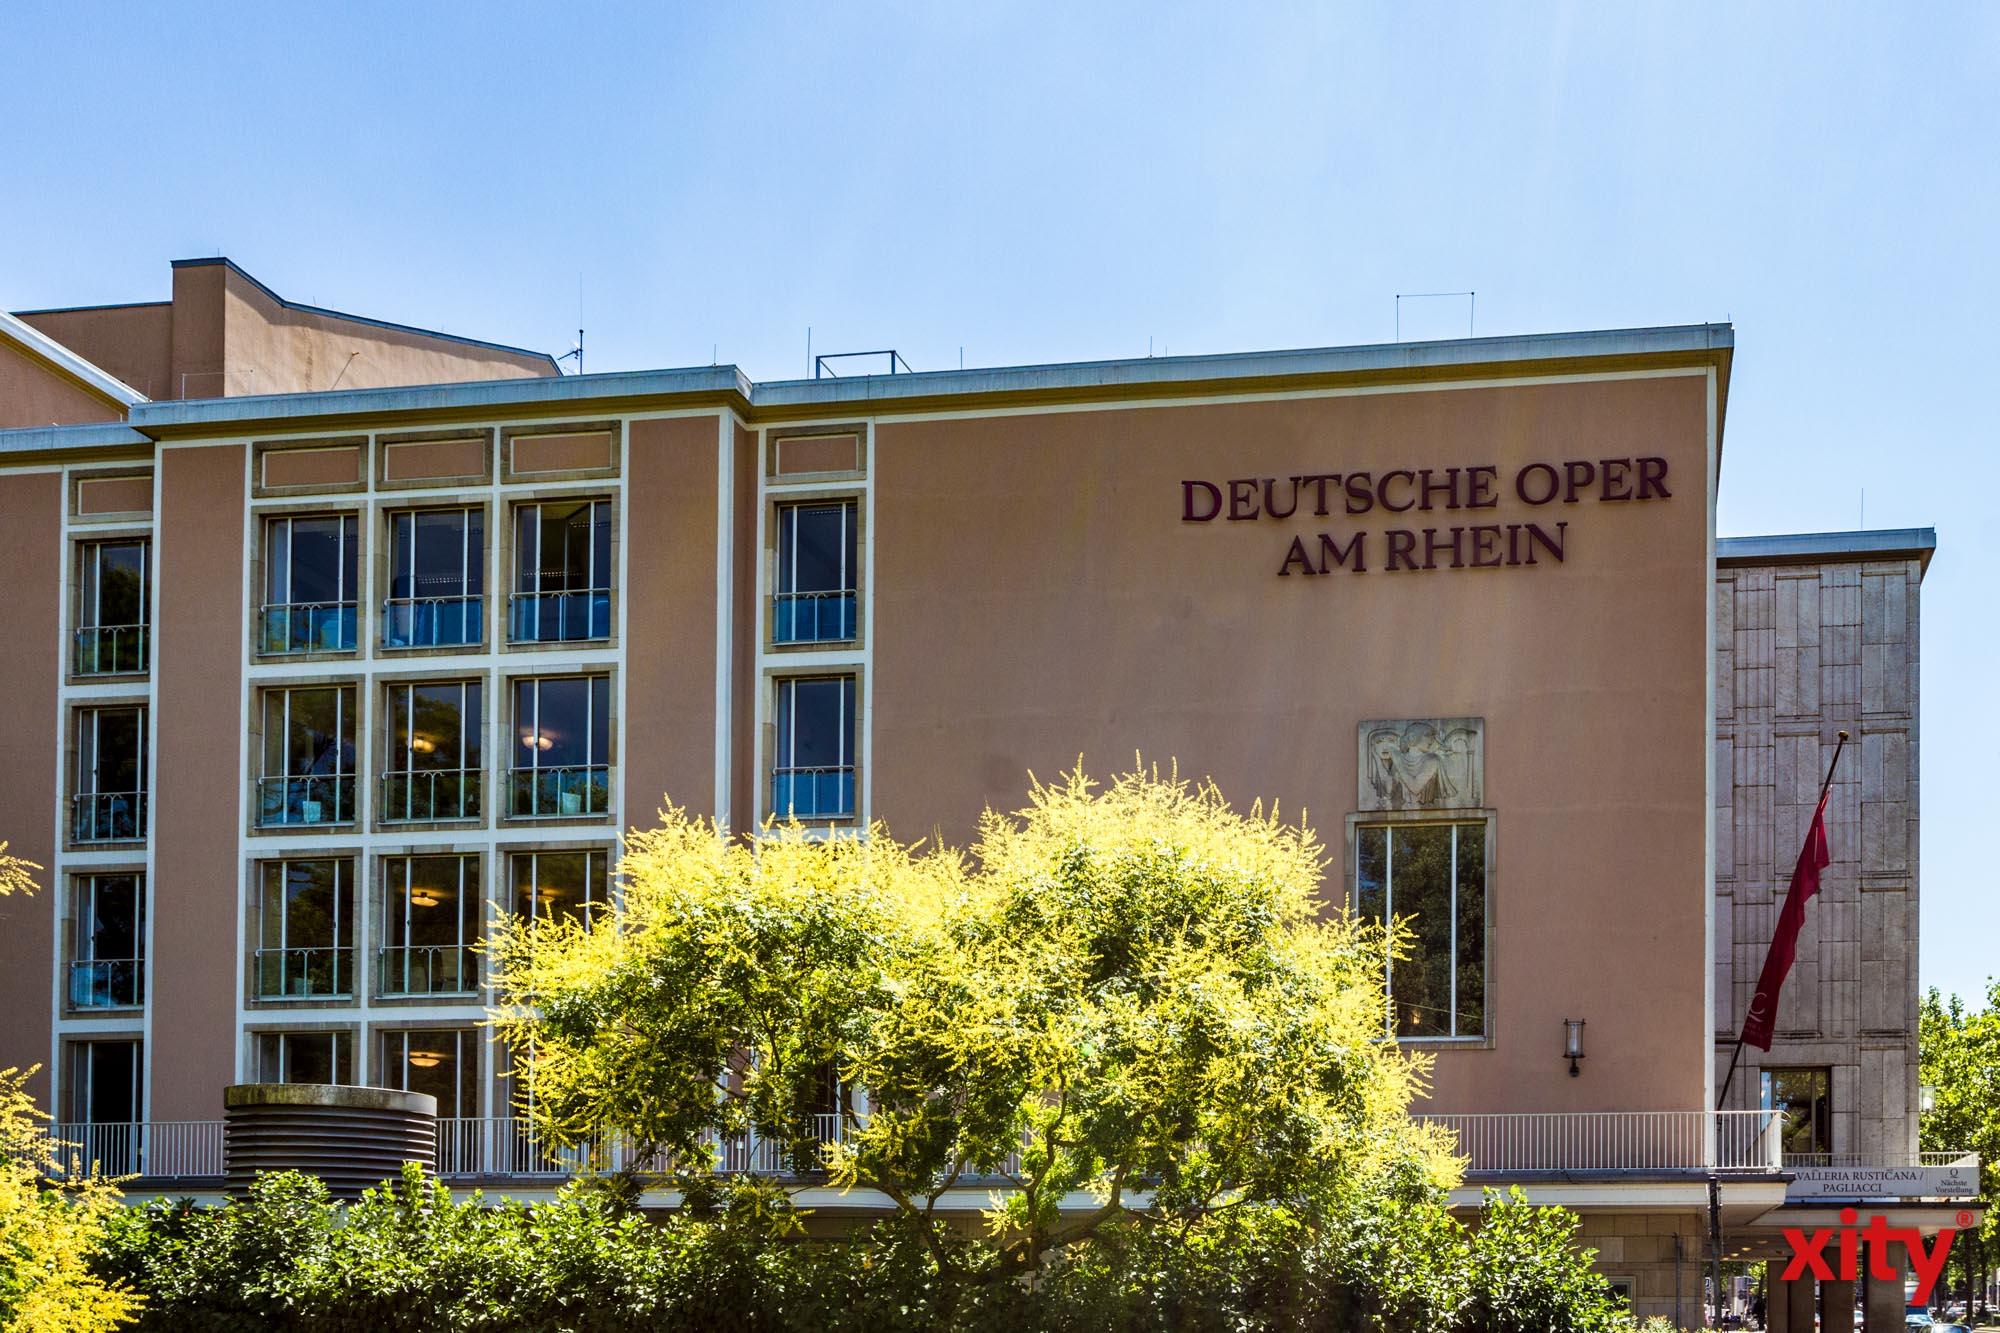 Zwei Premieren in der Deutschen Oper am Rhein (Foto: xity)